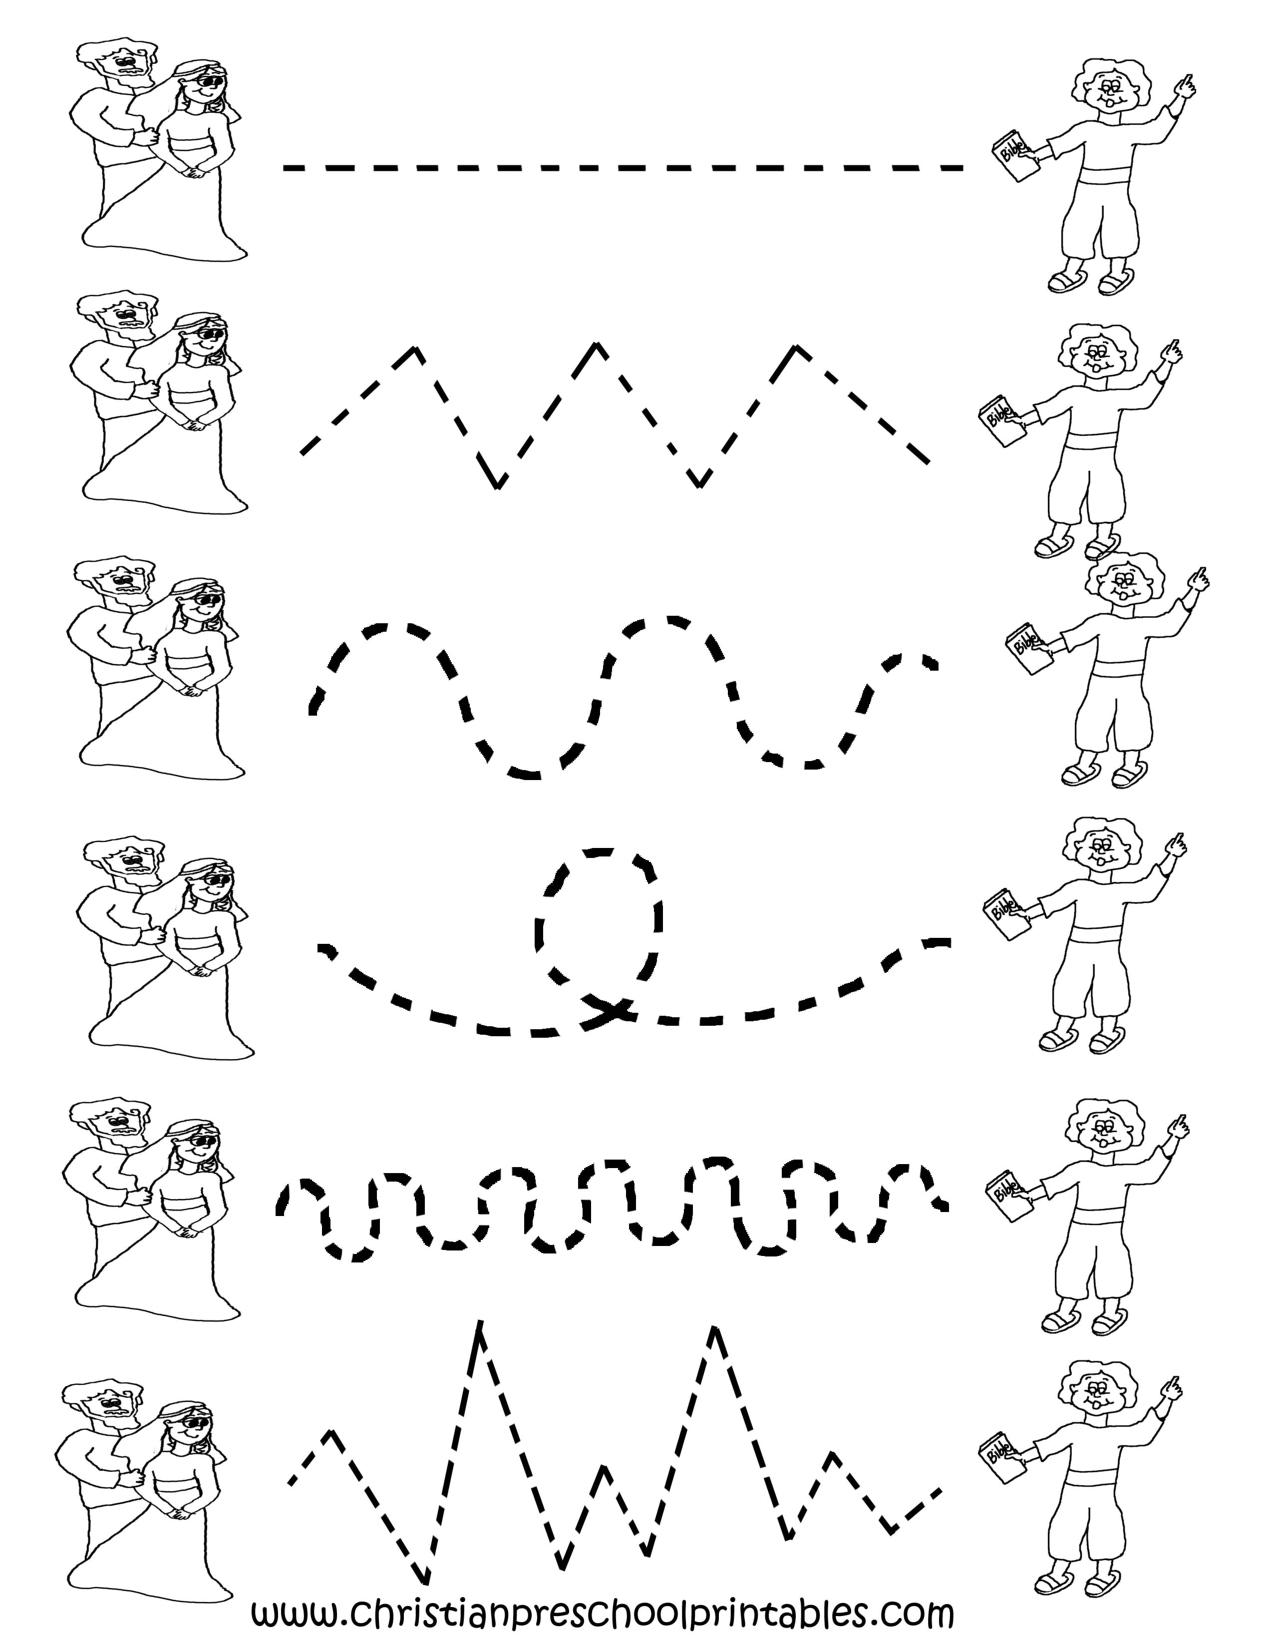 Free Printable Worksheets For Preschool | Preschool Tracing - Free Printable Preschool Worksheets Tracing Lines